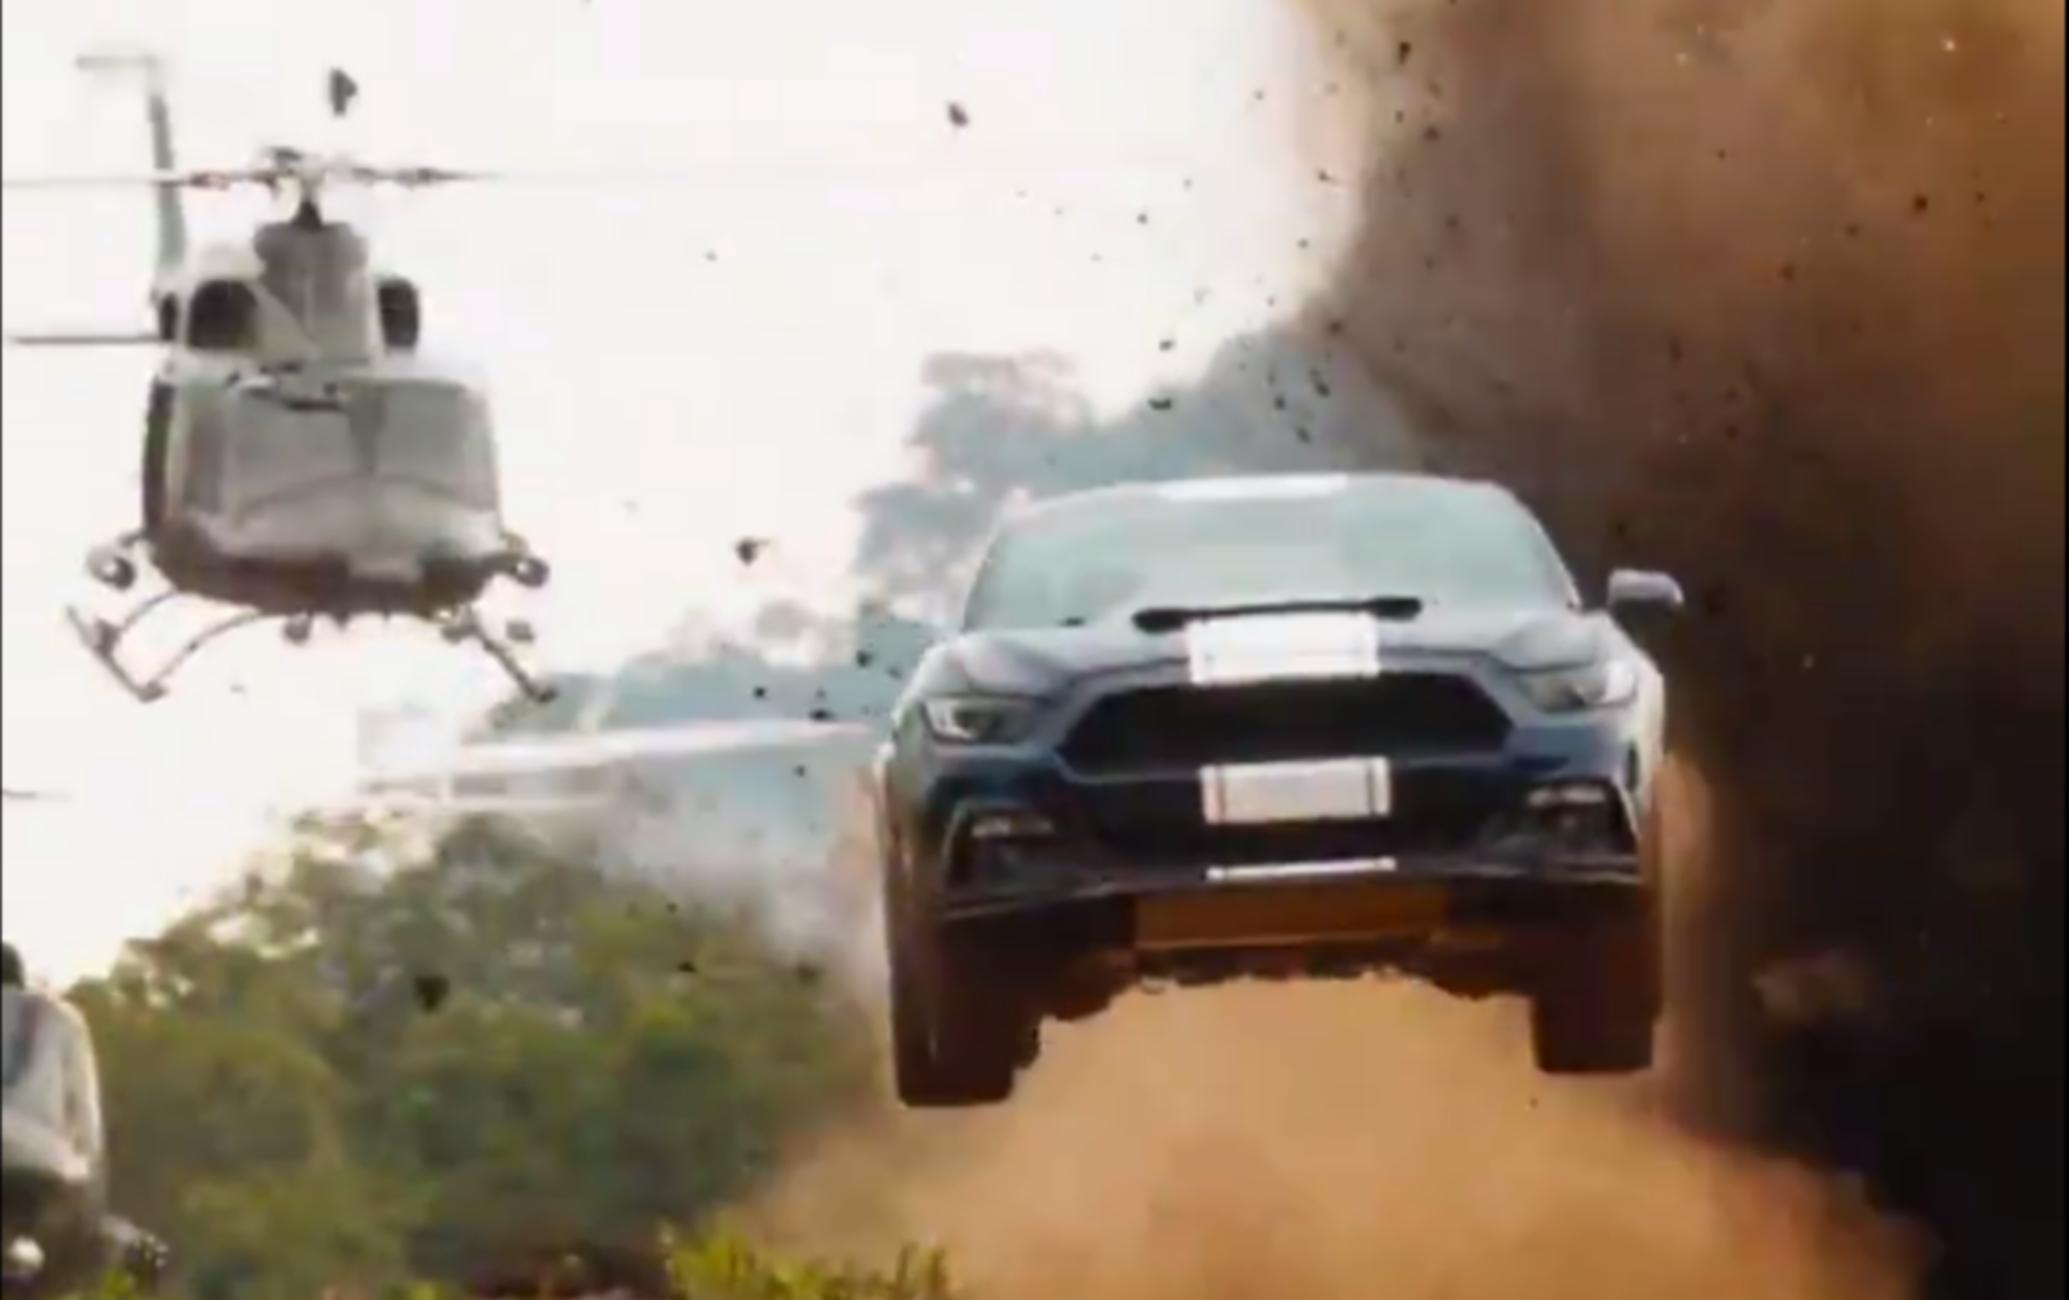 Φοβερό τρέιλερ για το Fast and Furious με τα αδέρφια Αντετοκούνμπο